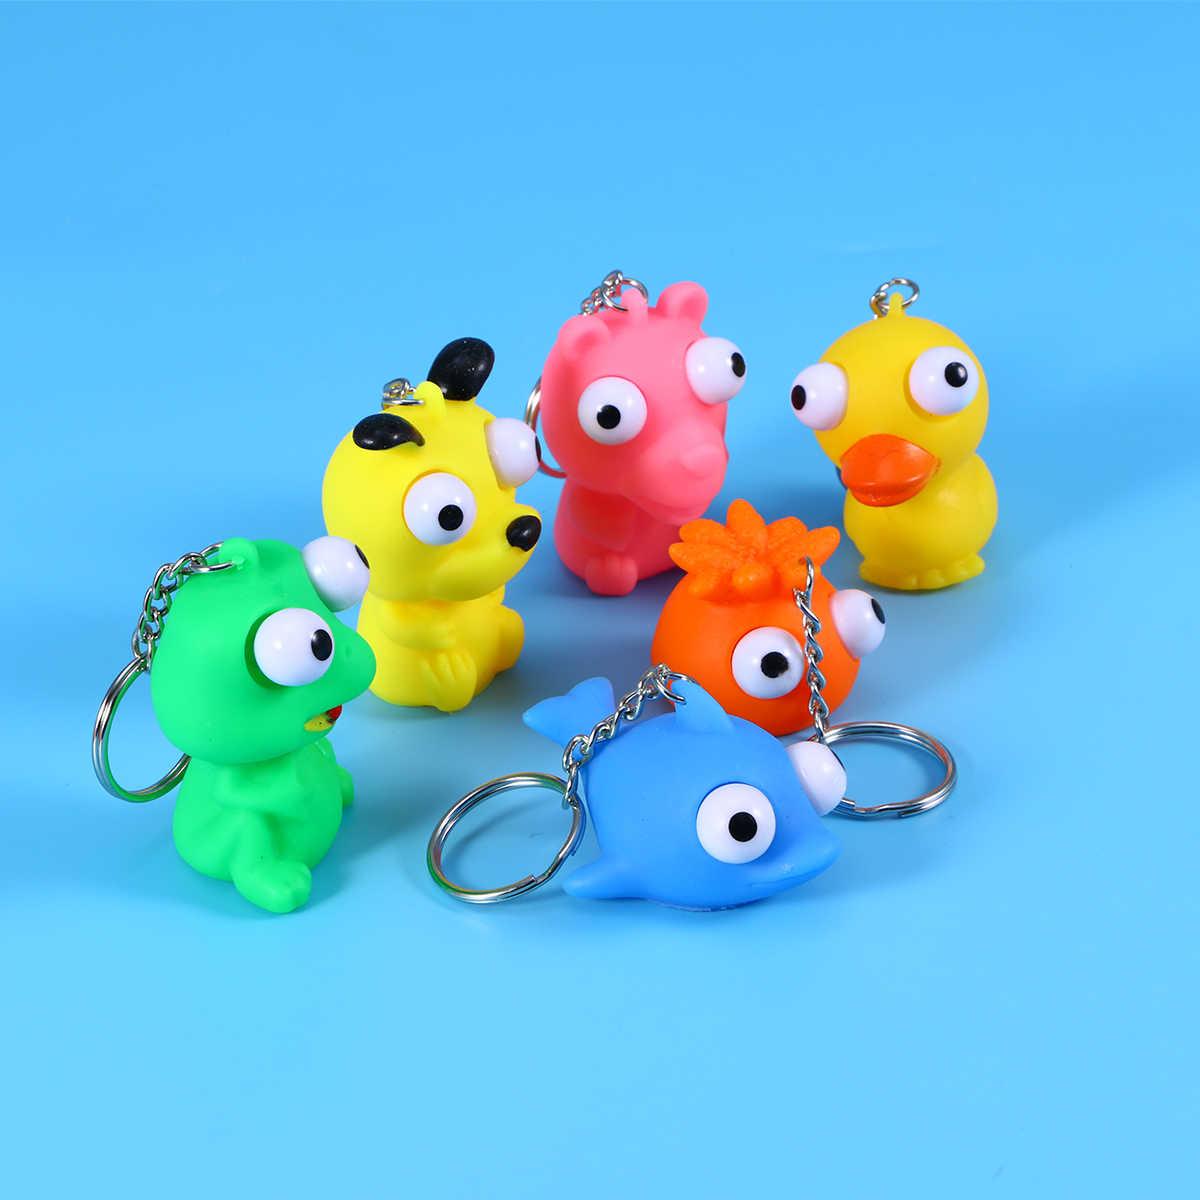 10 шт. сдавливаемые игрушки брелок приподнятые глаза кукла креативные вентиляционные игрушки игрушка для снятия стресса